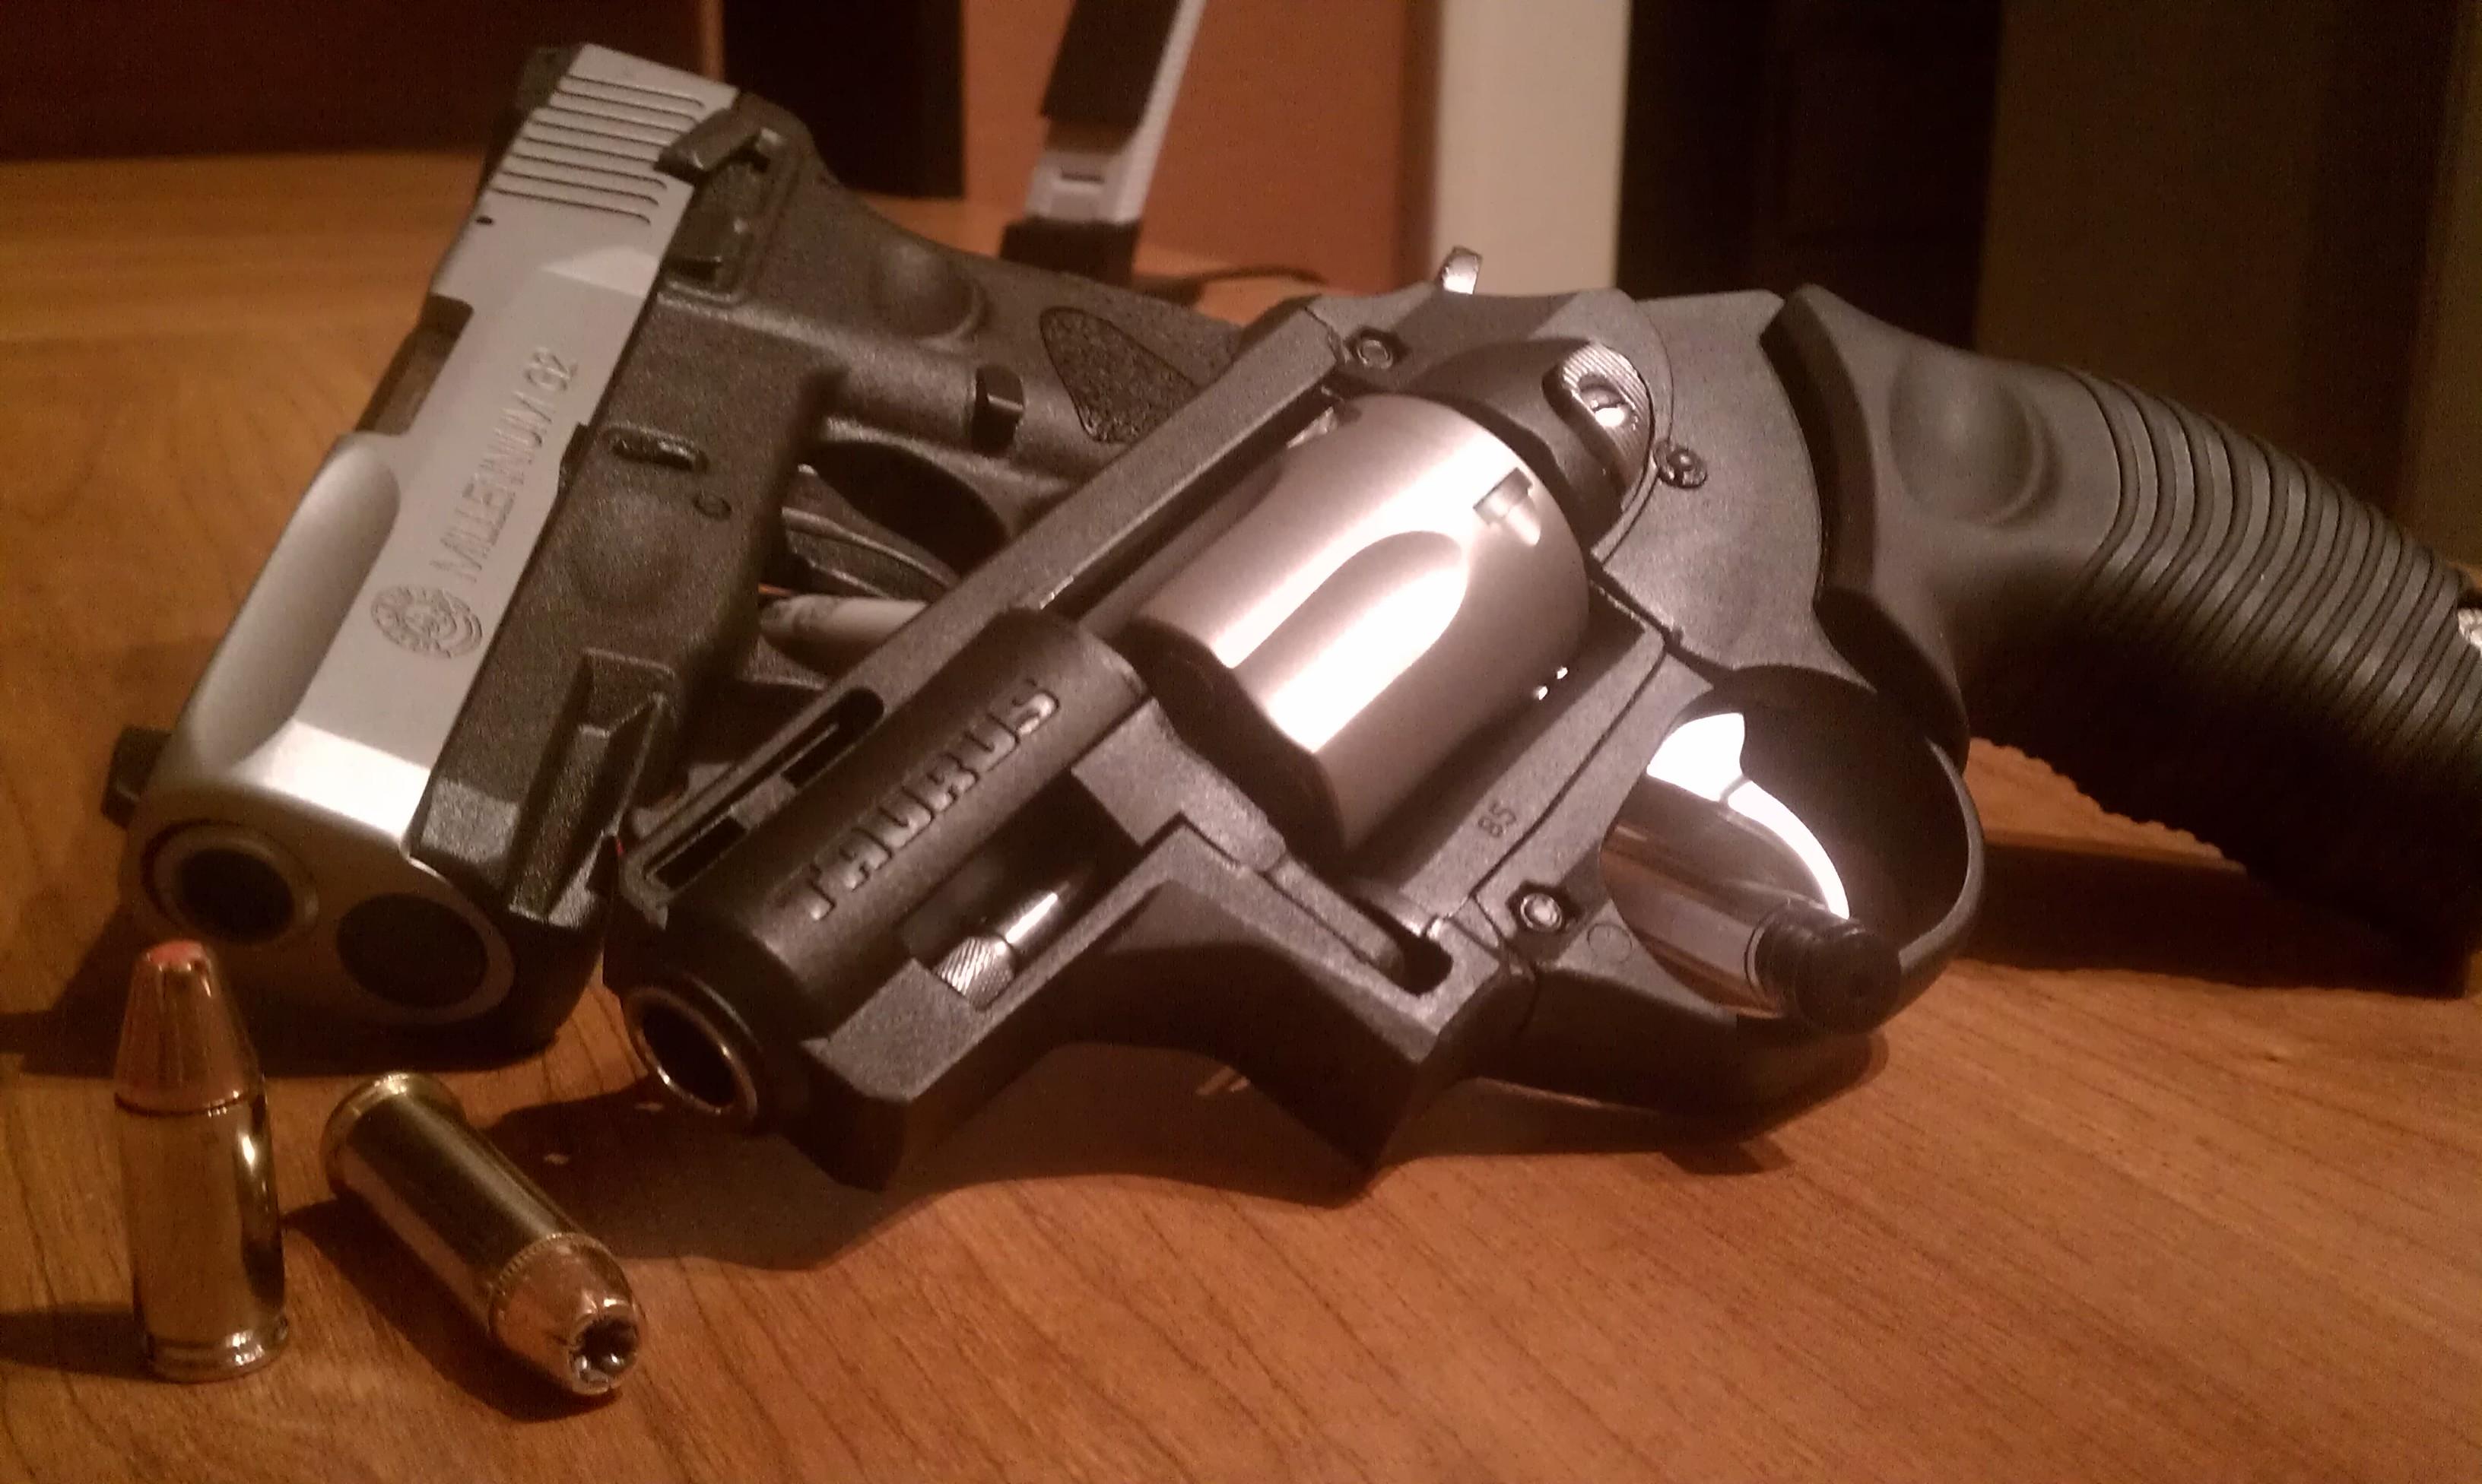 Taurus poly protector 605 357 mag (anyone shoot one?)